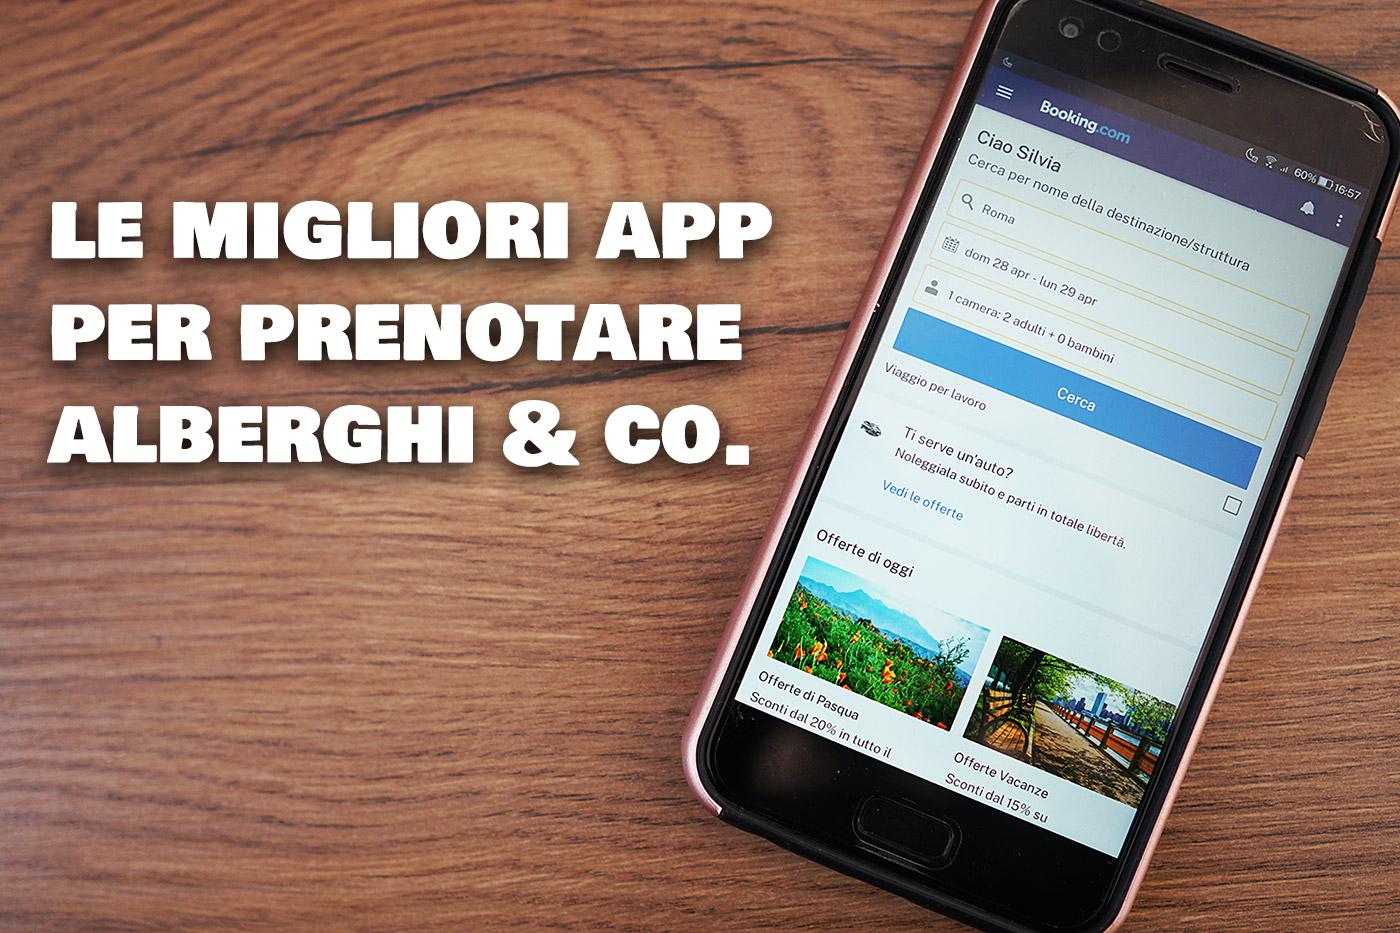 App per prenotare hotel, case e appartamenti: la guida alle migliori per iOS e Android thumbnail